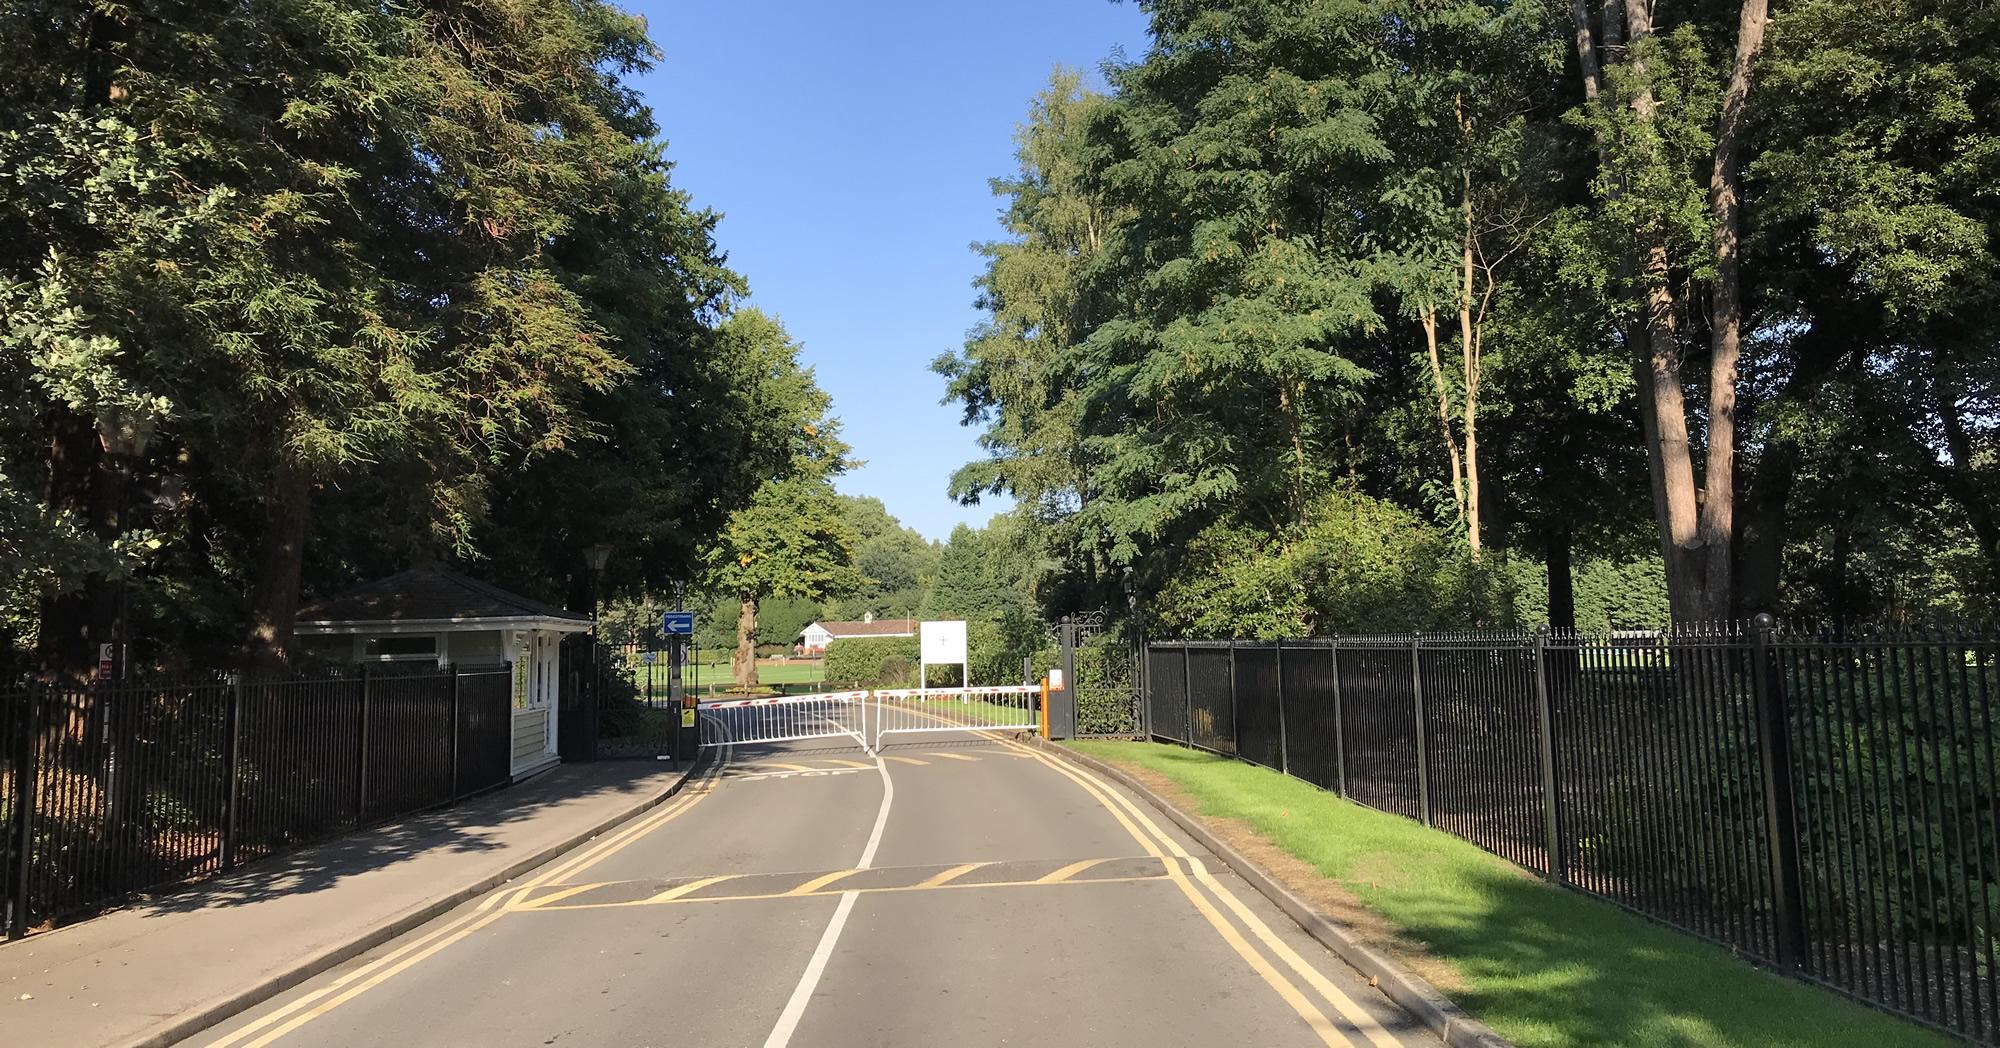 St George's College Addlestone Surrey